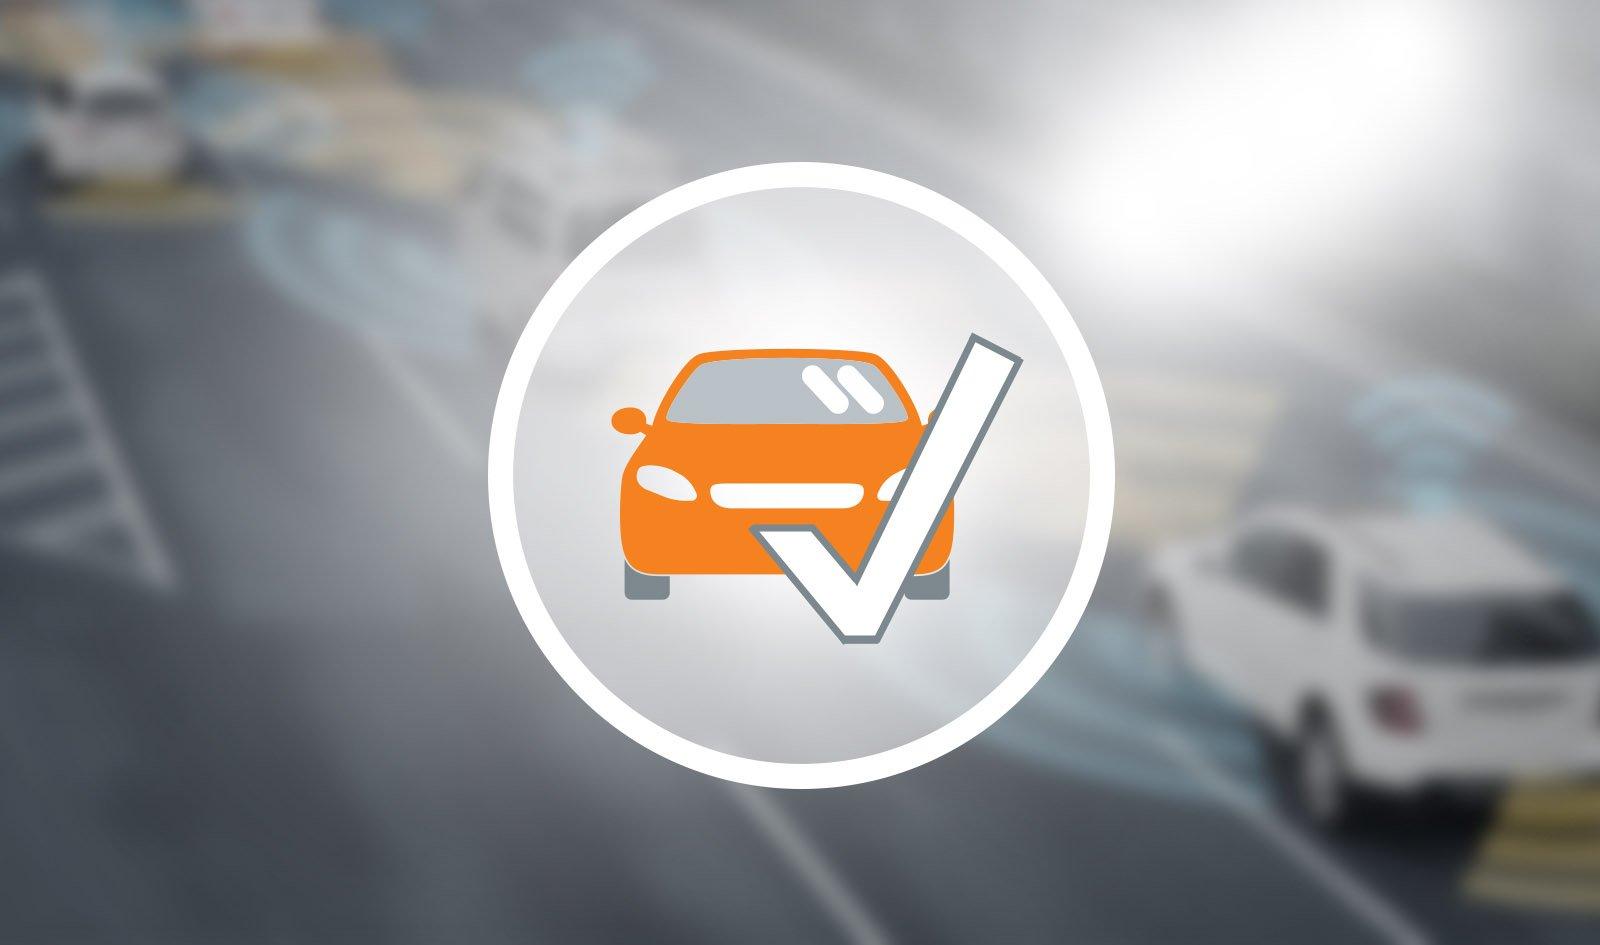 Fleet IoT safe driving